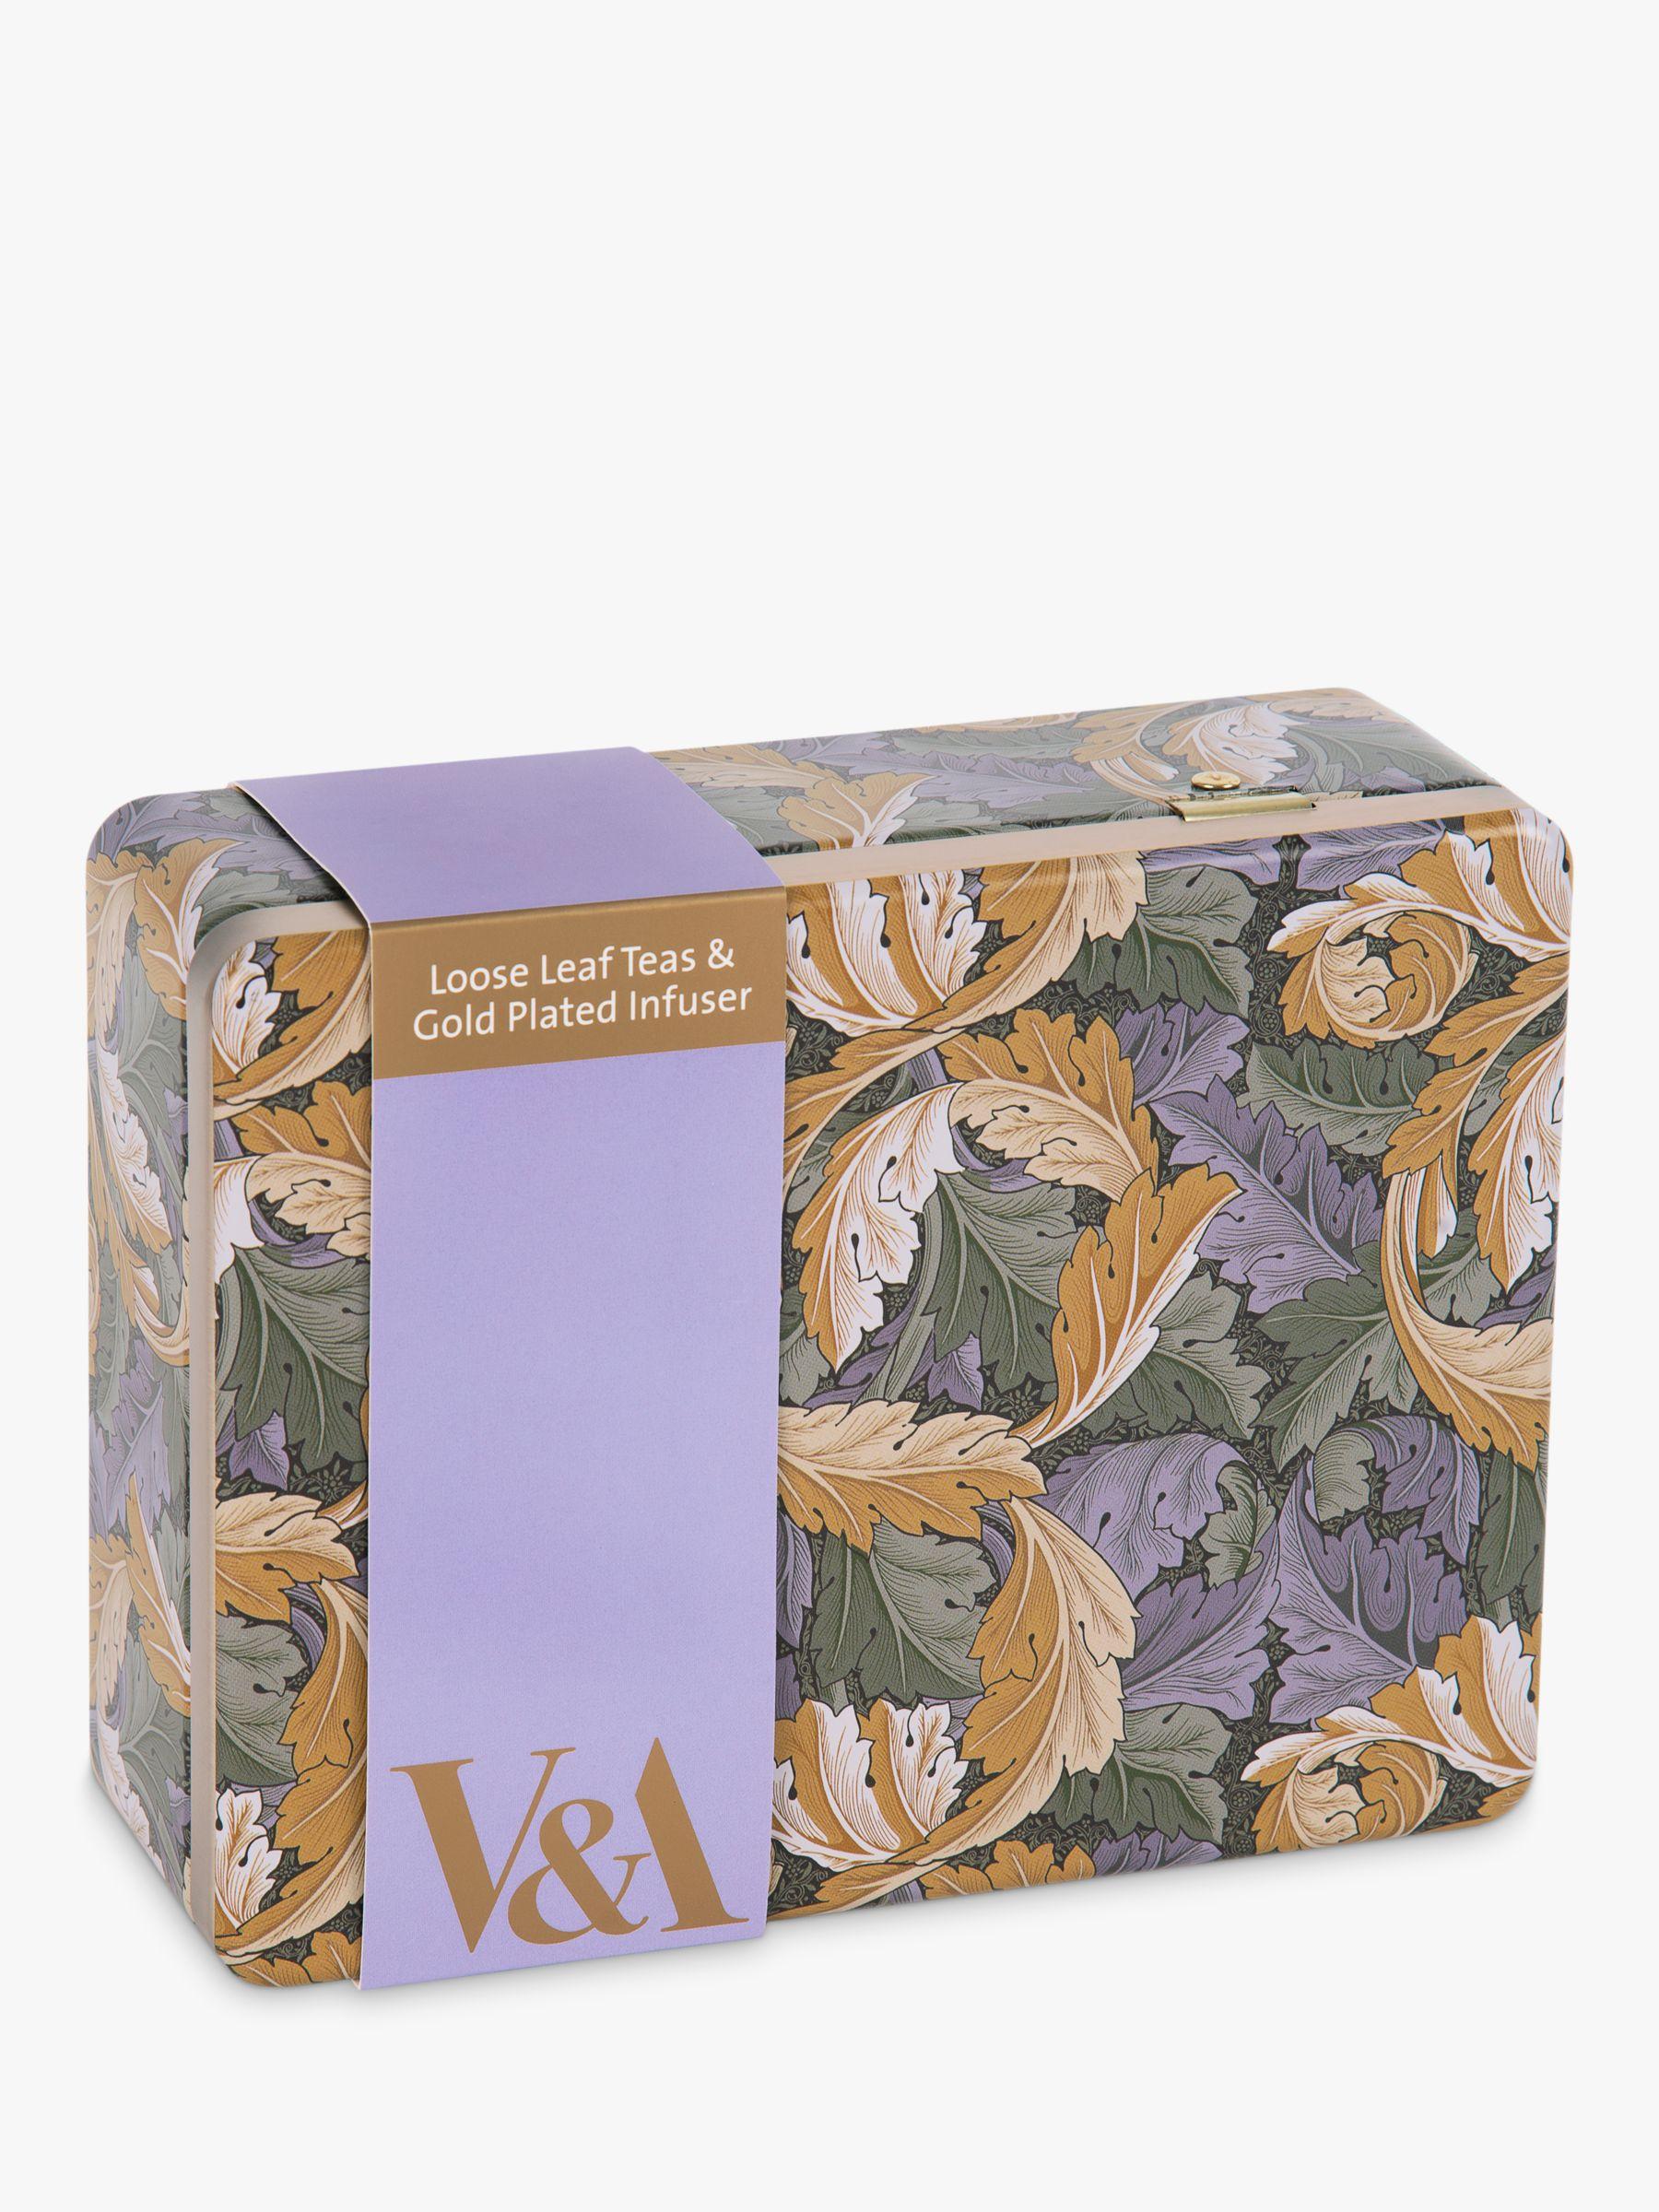 V&A V&A Tea Infuser Set, 65g